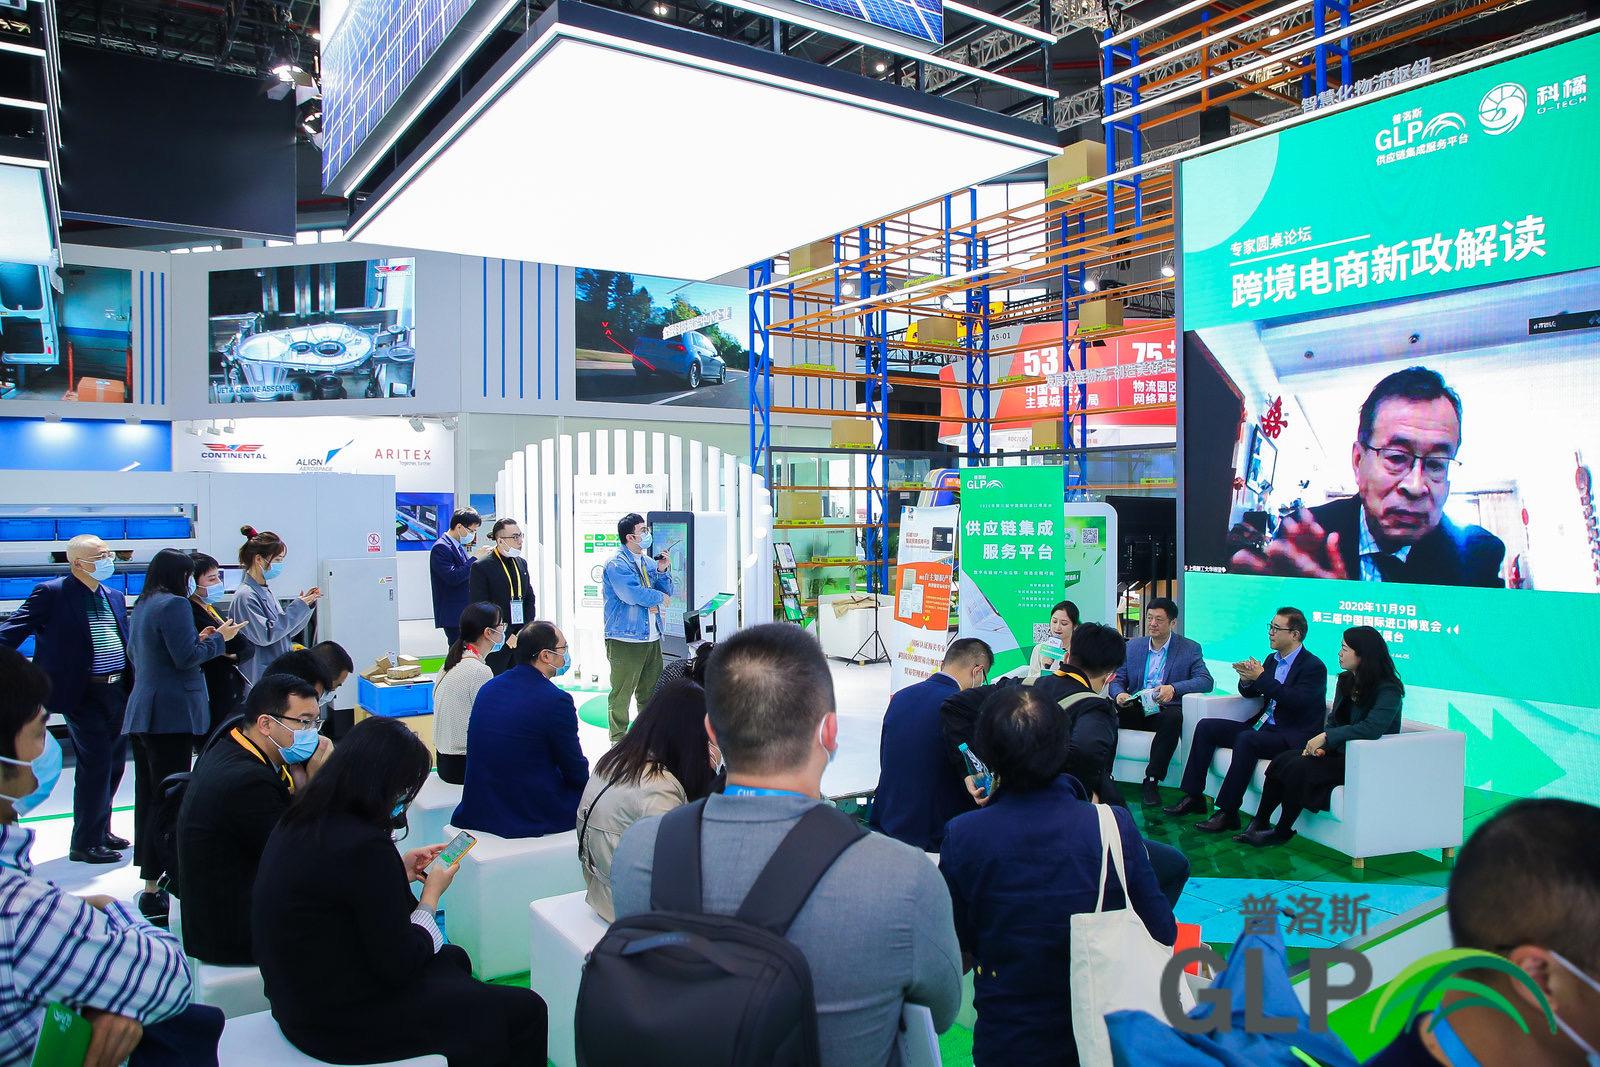 科橘&普洛斯进博会主题活动顺利举行,共探国际供应链发展趋势